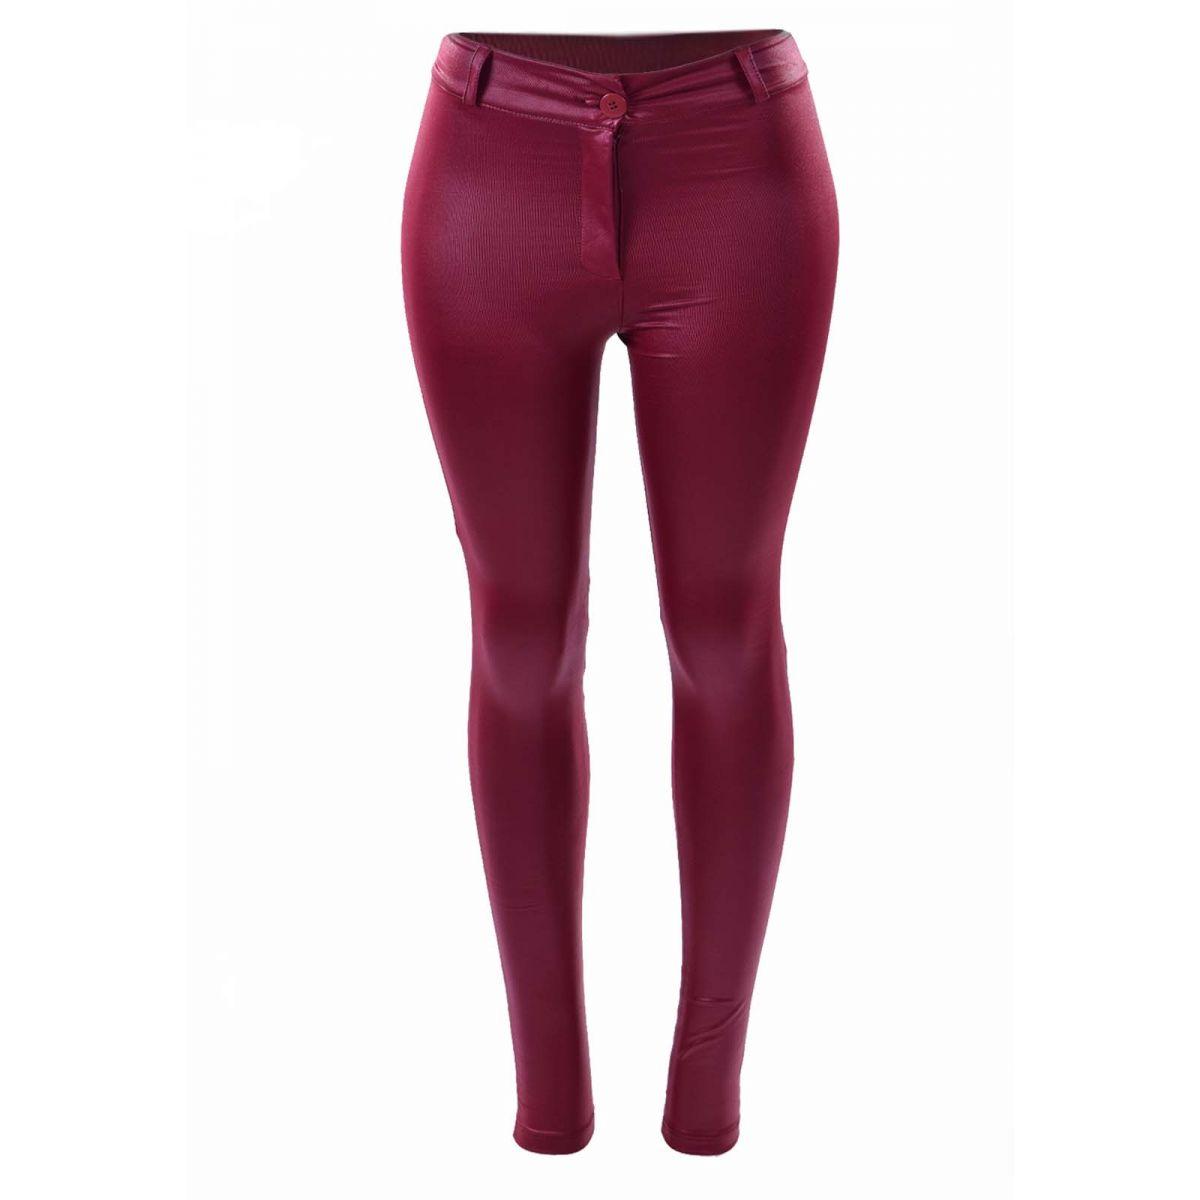 Calça Legging Disco Pants Hot Pants Cirre Courino Não Jeans